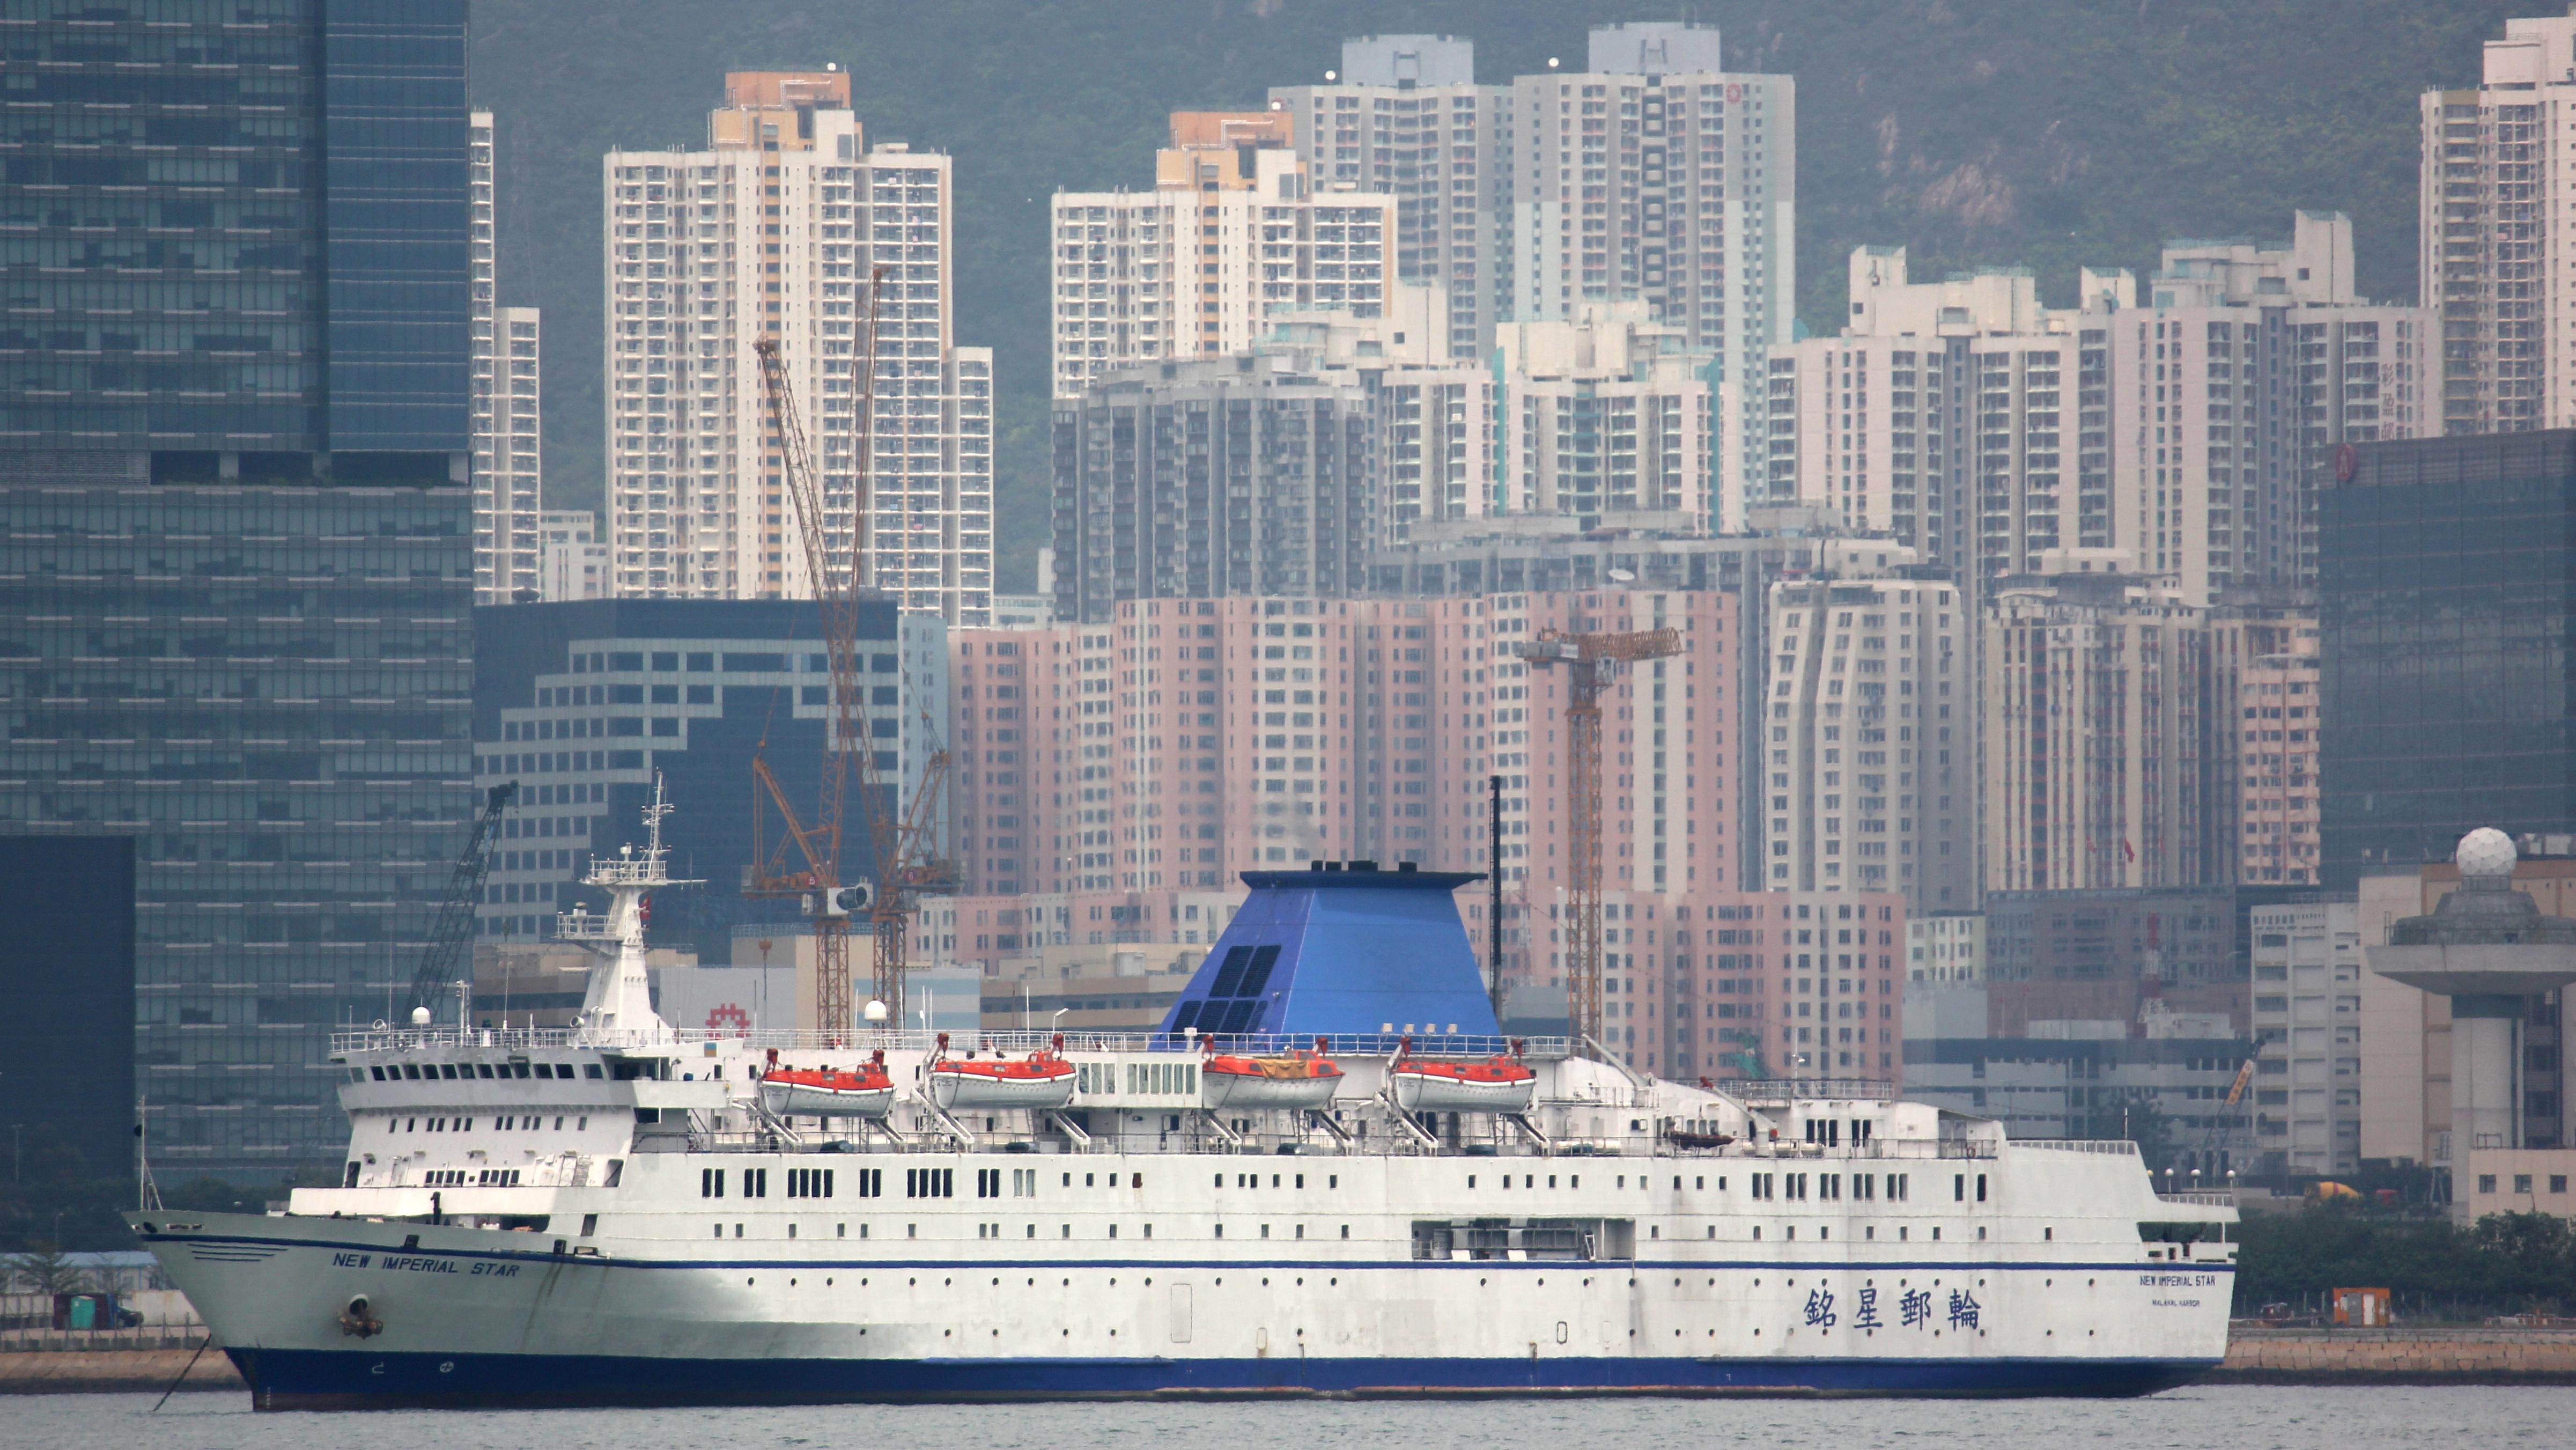 casino cruise ship hong kong